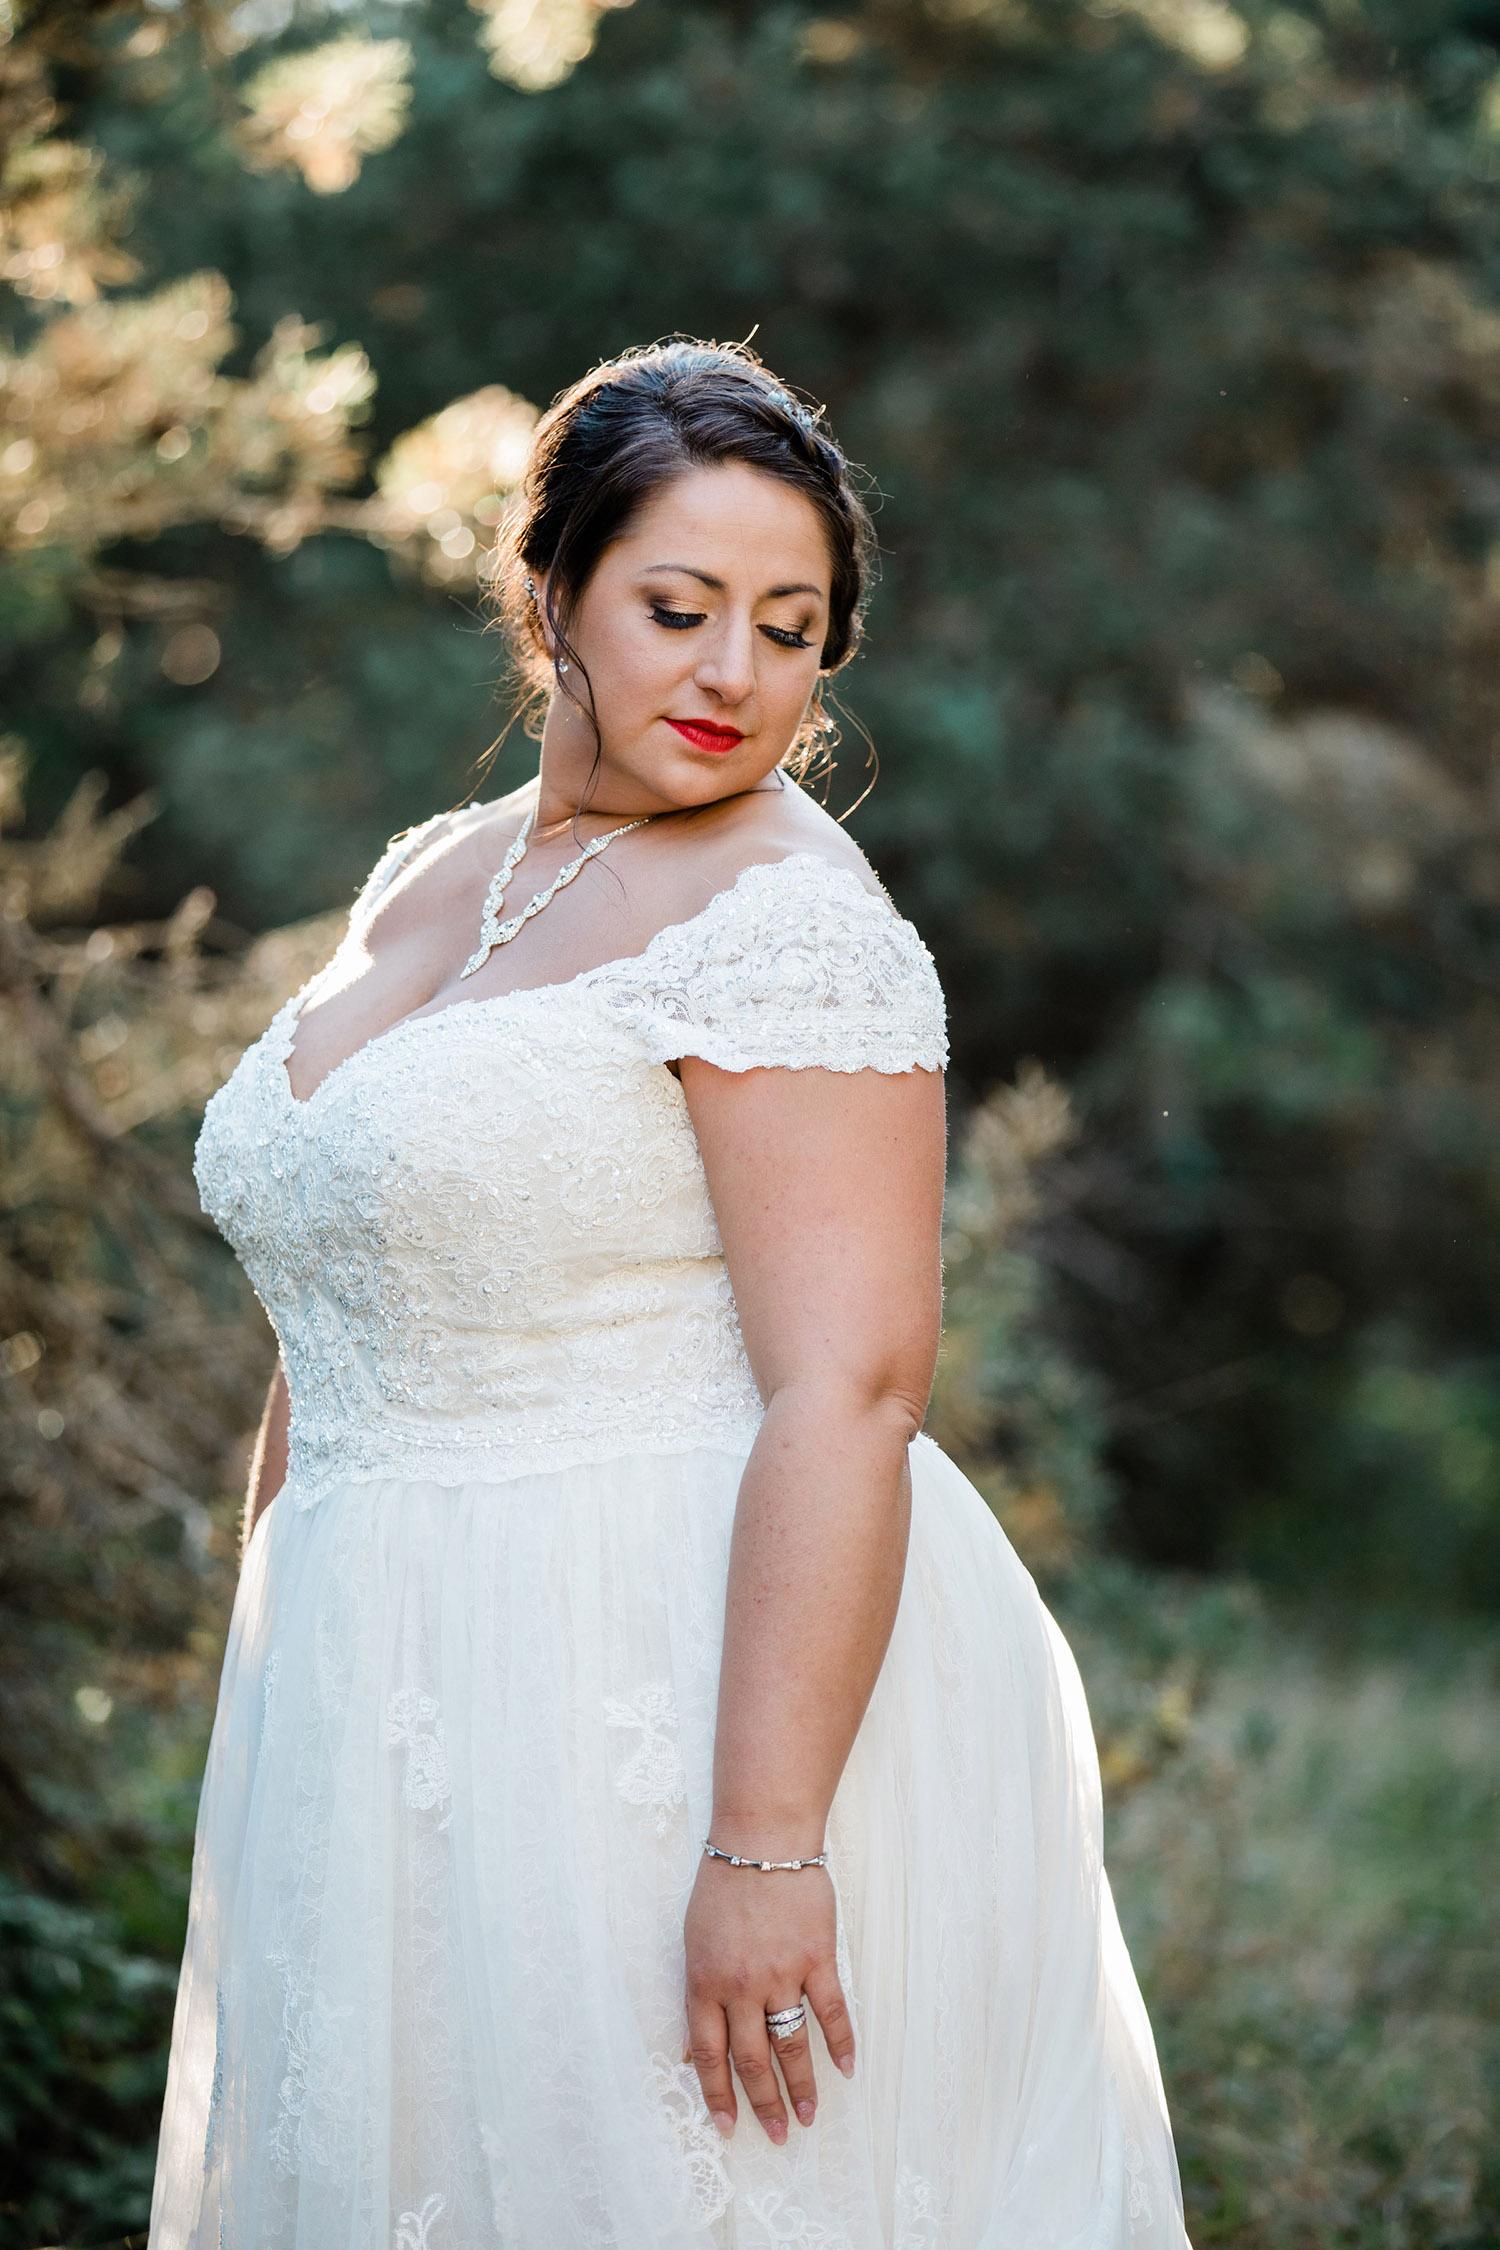 Red-Lipstick-Smokey-Eye-Wedding-Bridal-Makeup (13).jpg